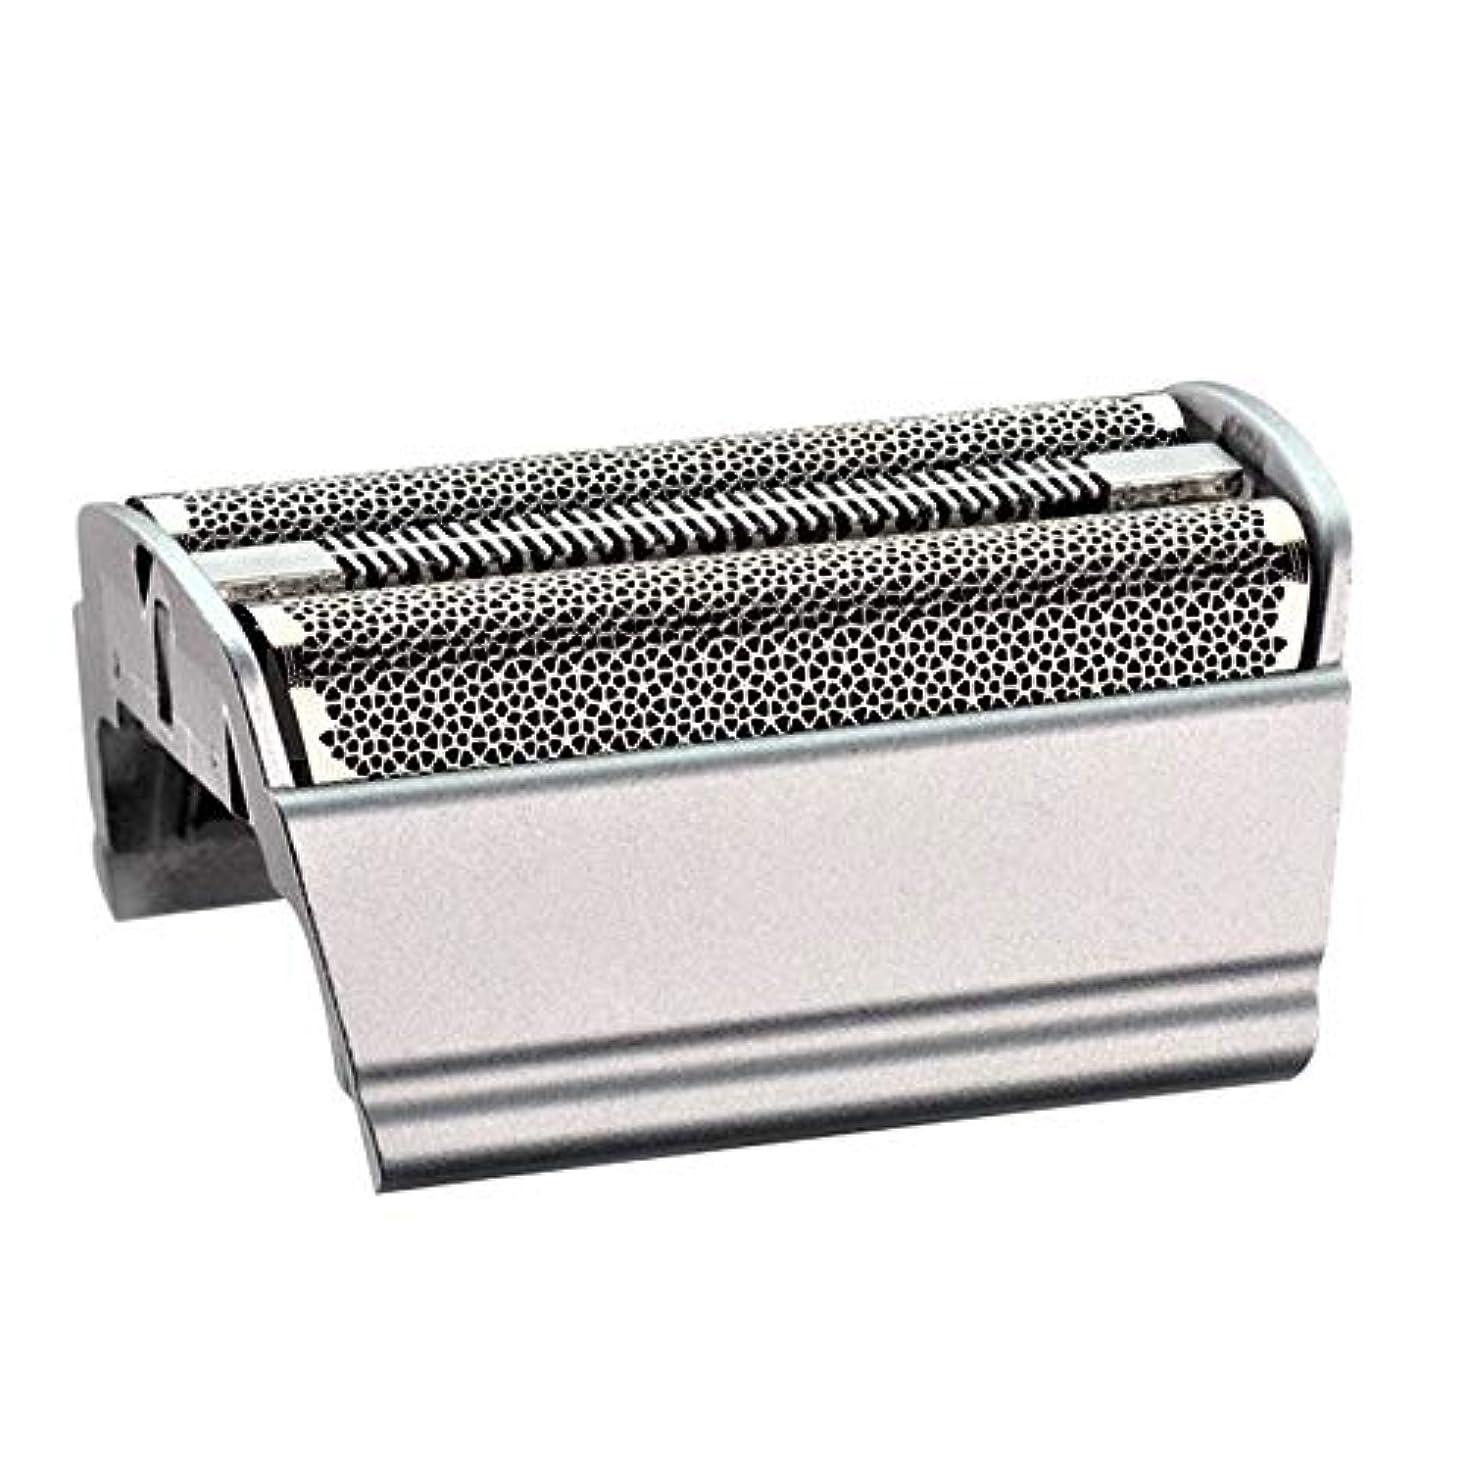 電卓ジョットディボンドン硬いブラウン BRAUN シェーバー 替刃 F/C31S 網刃 フレックスXPS コントゥア 互換品 mmokku